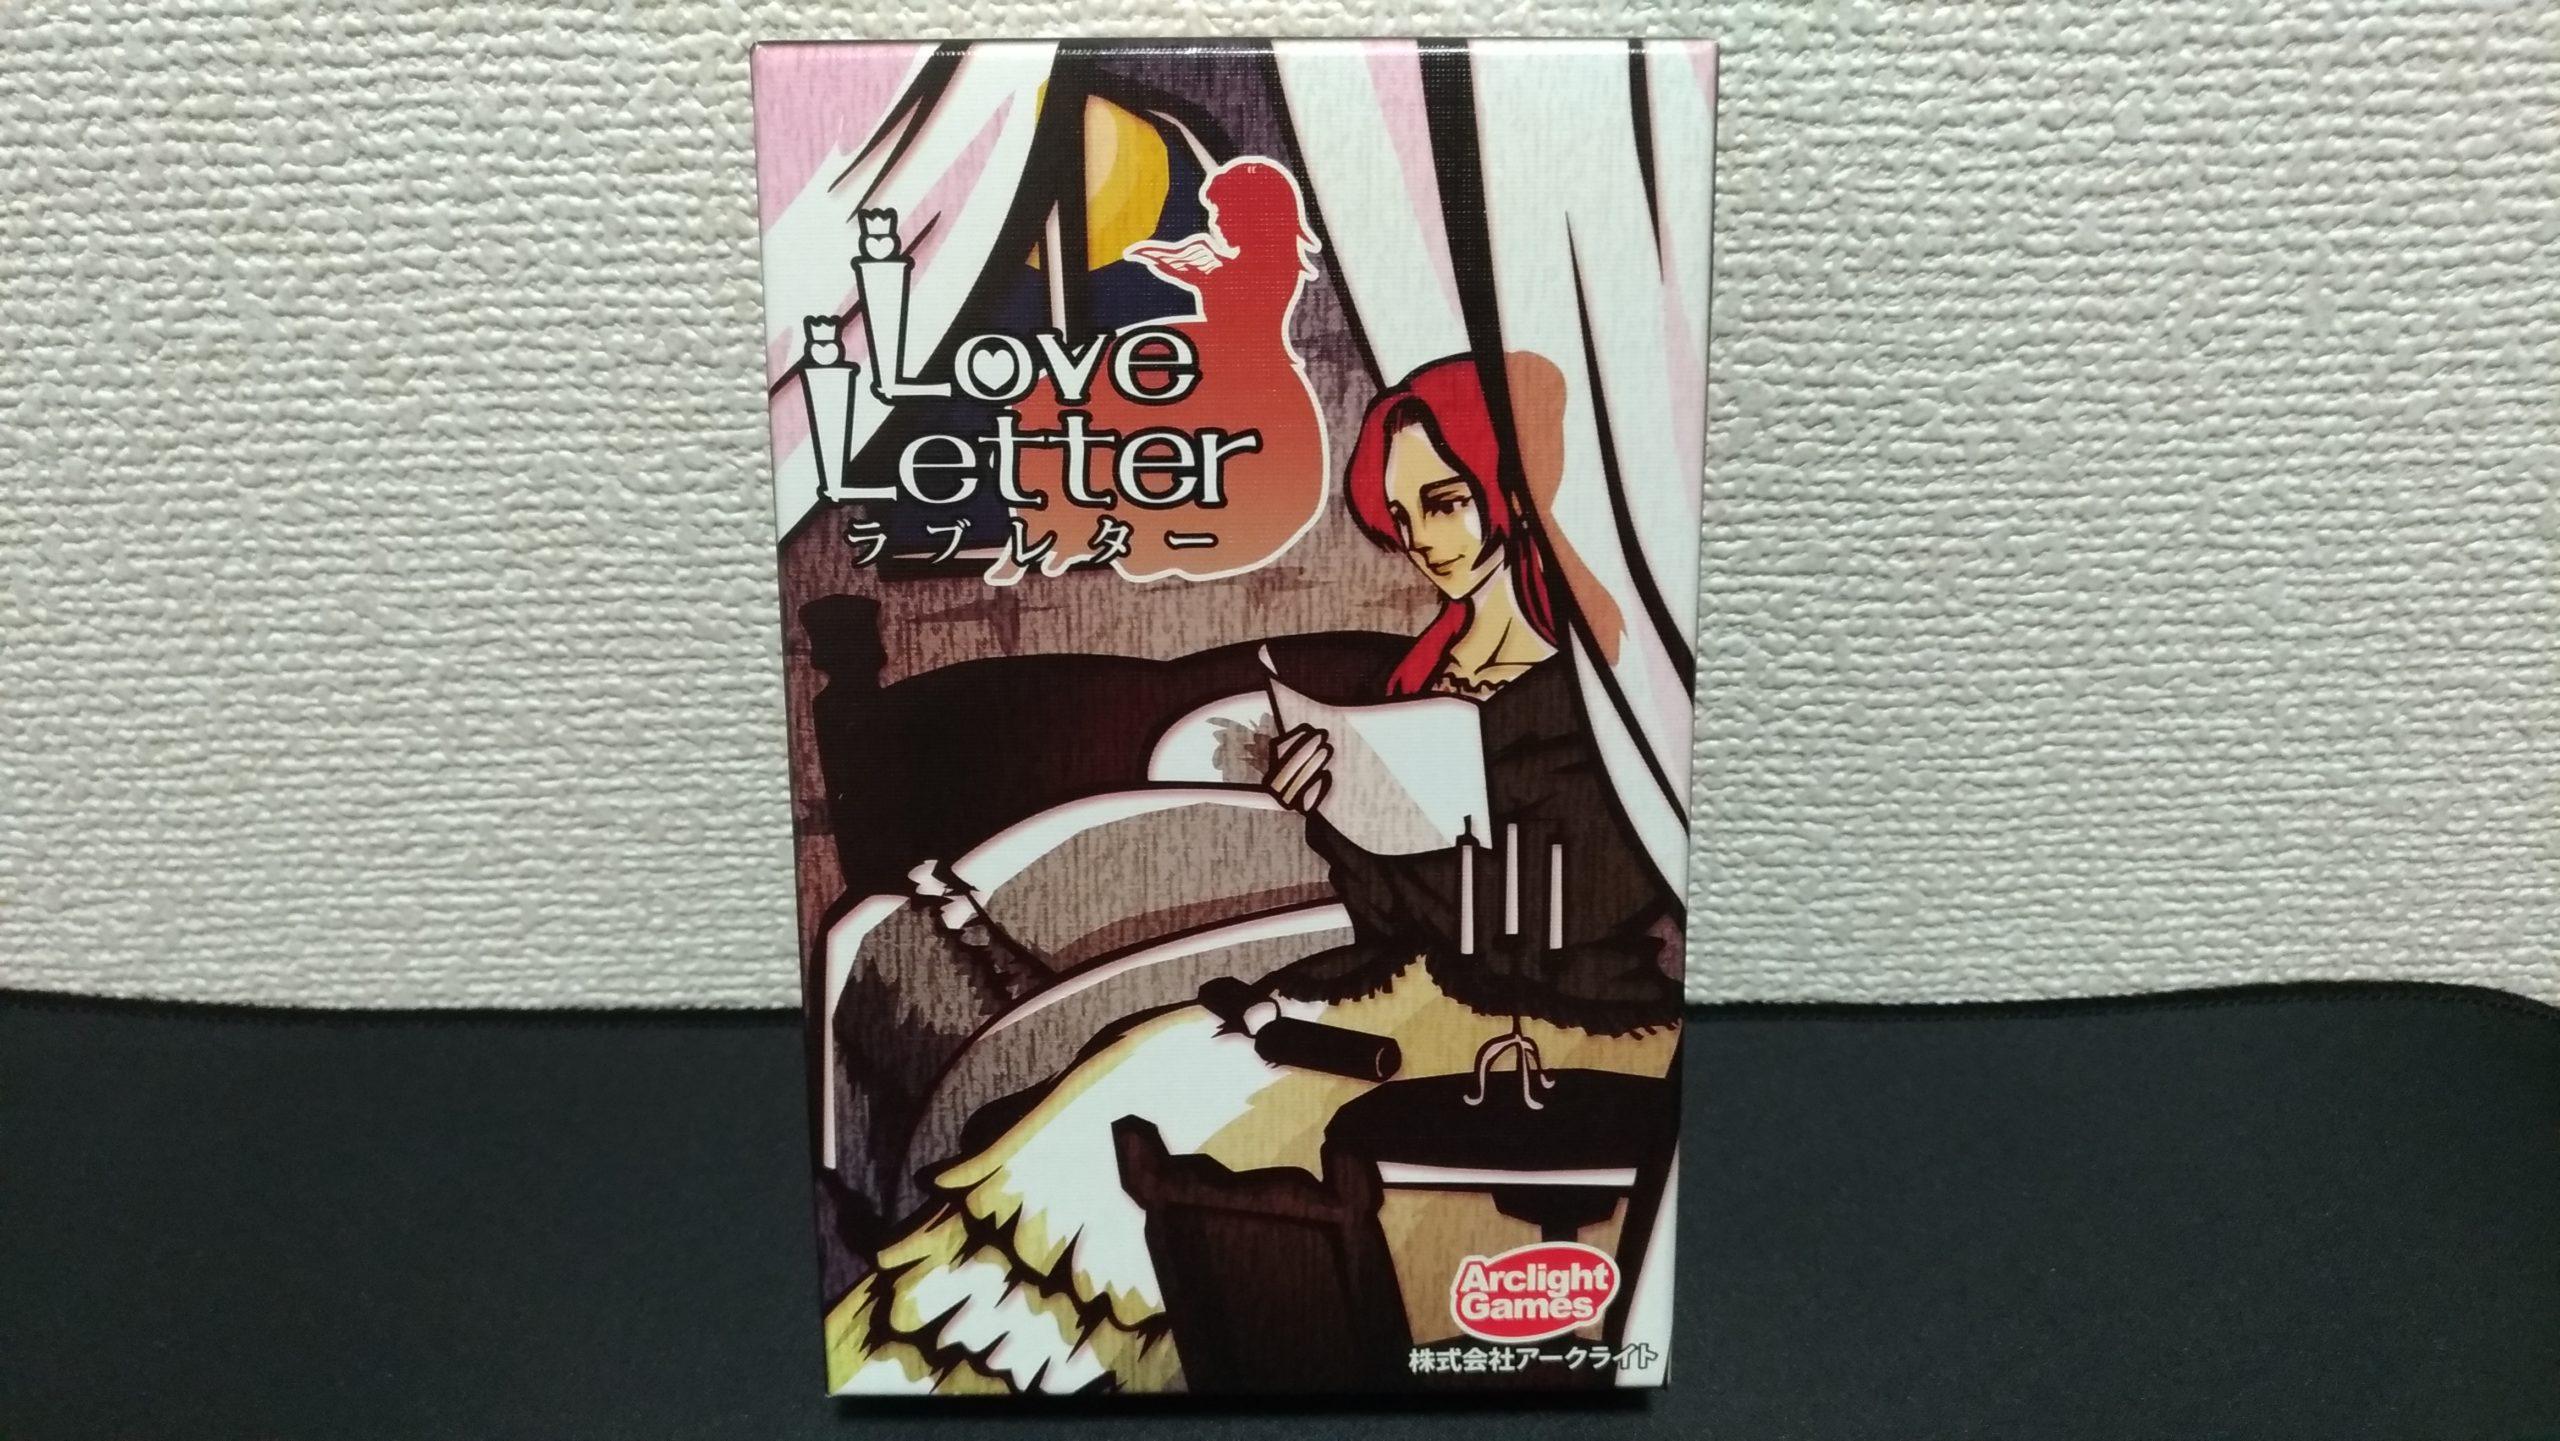 【ボドゲ紹介】ラブレター(Love Letter)